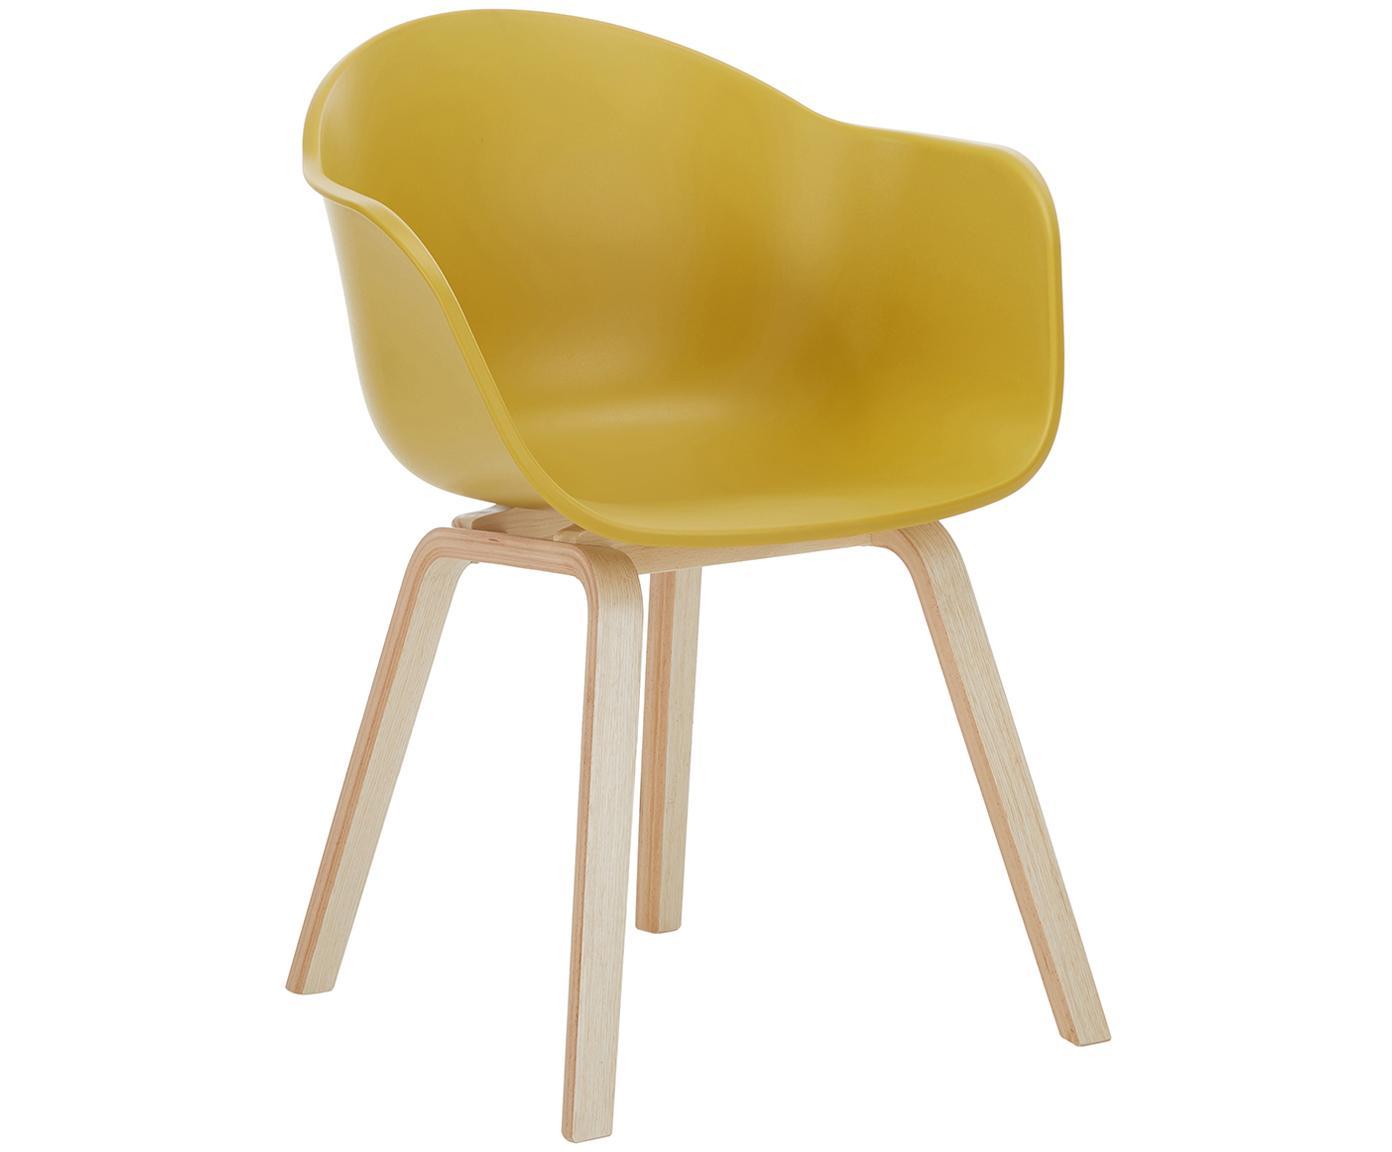 Kunststoffen armstoel Claire met houten poten, Zitvlak: kunststof, Poten: beukenhout, Zitvlak: geel. Poten: beukenhoutkleurig, B 61 x D 58 cm